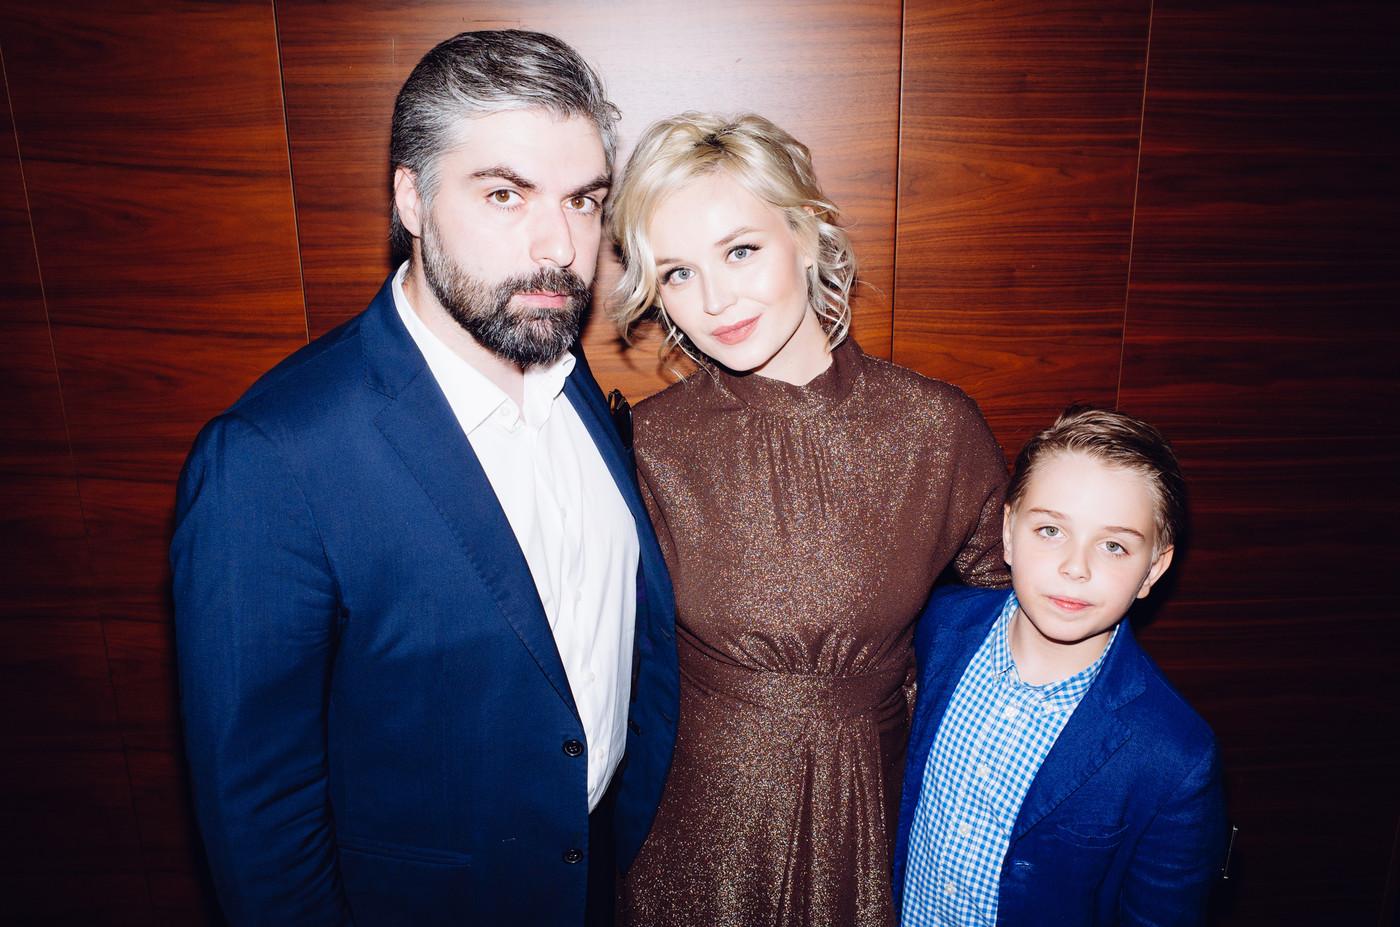 У Полины Гагариной и её семьи возникли проблемы в аэропорту